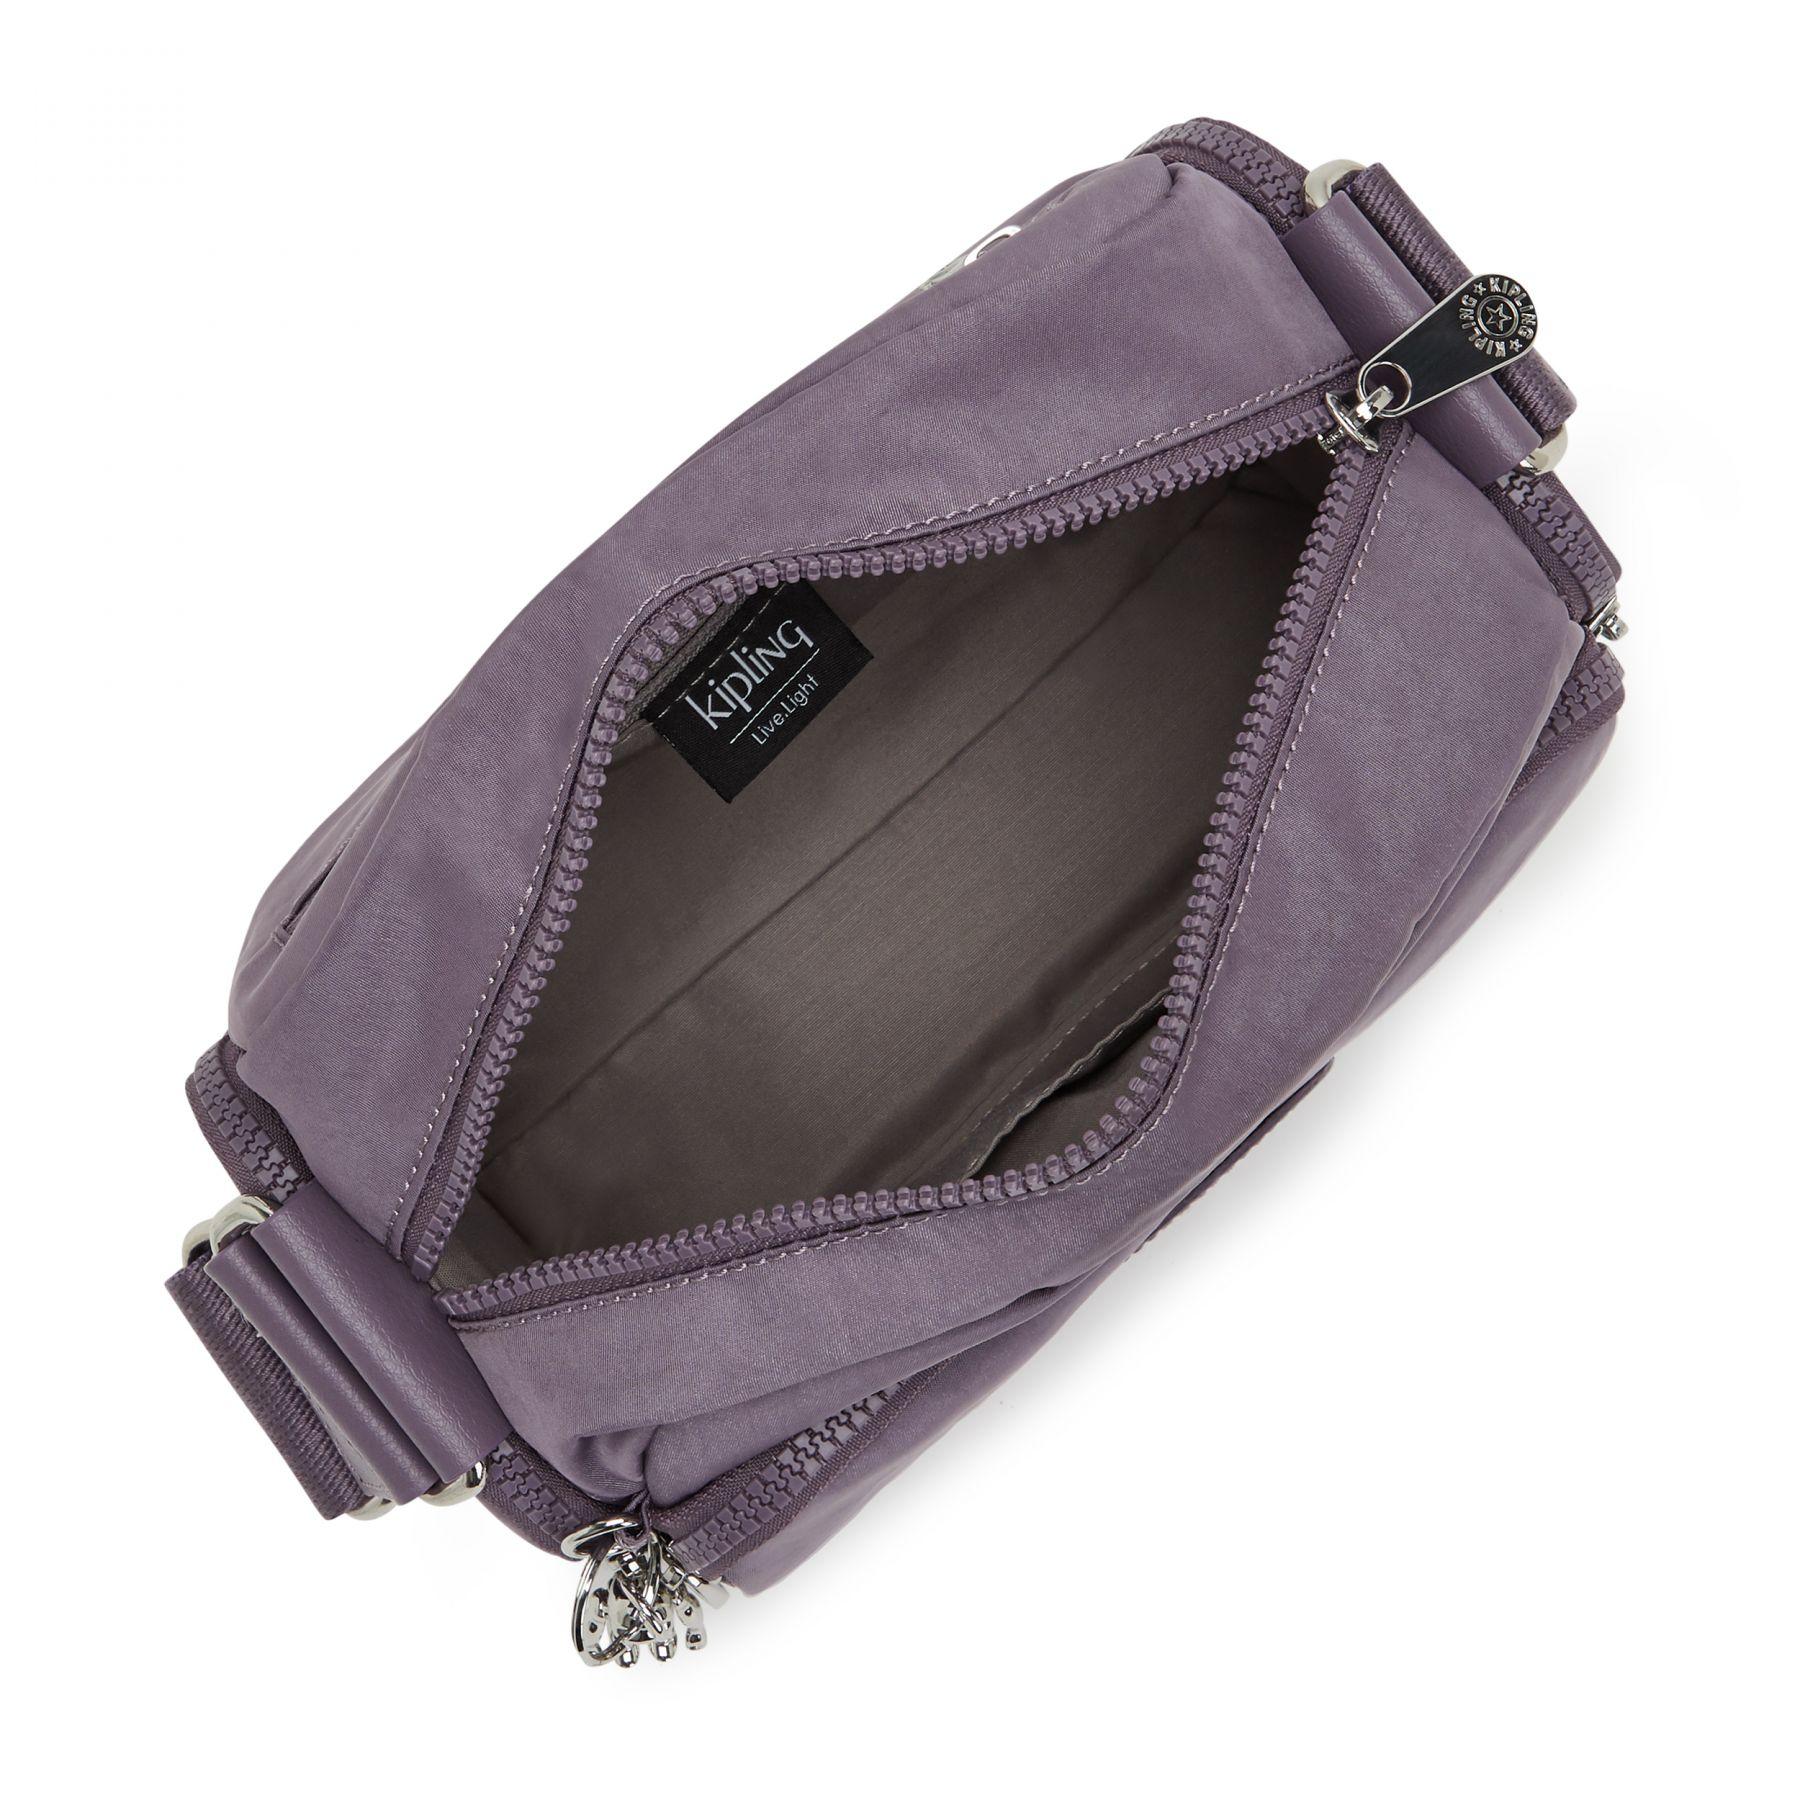 JENERA S BAGS by Kipling - Inside view